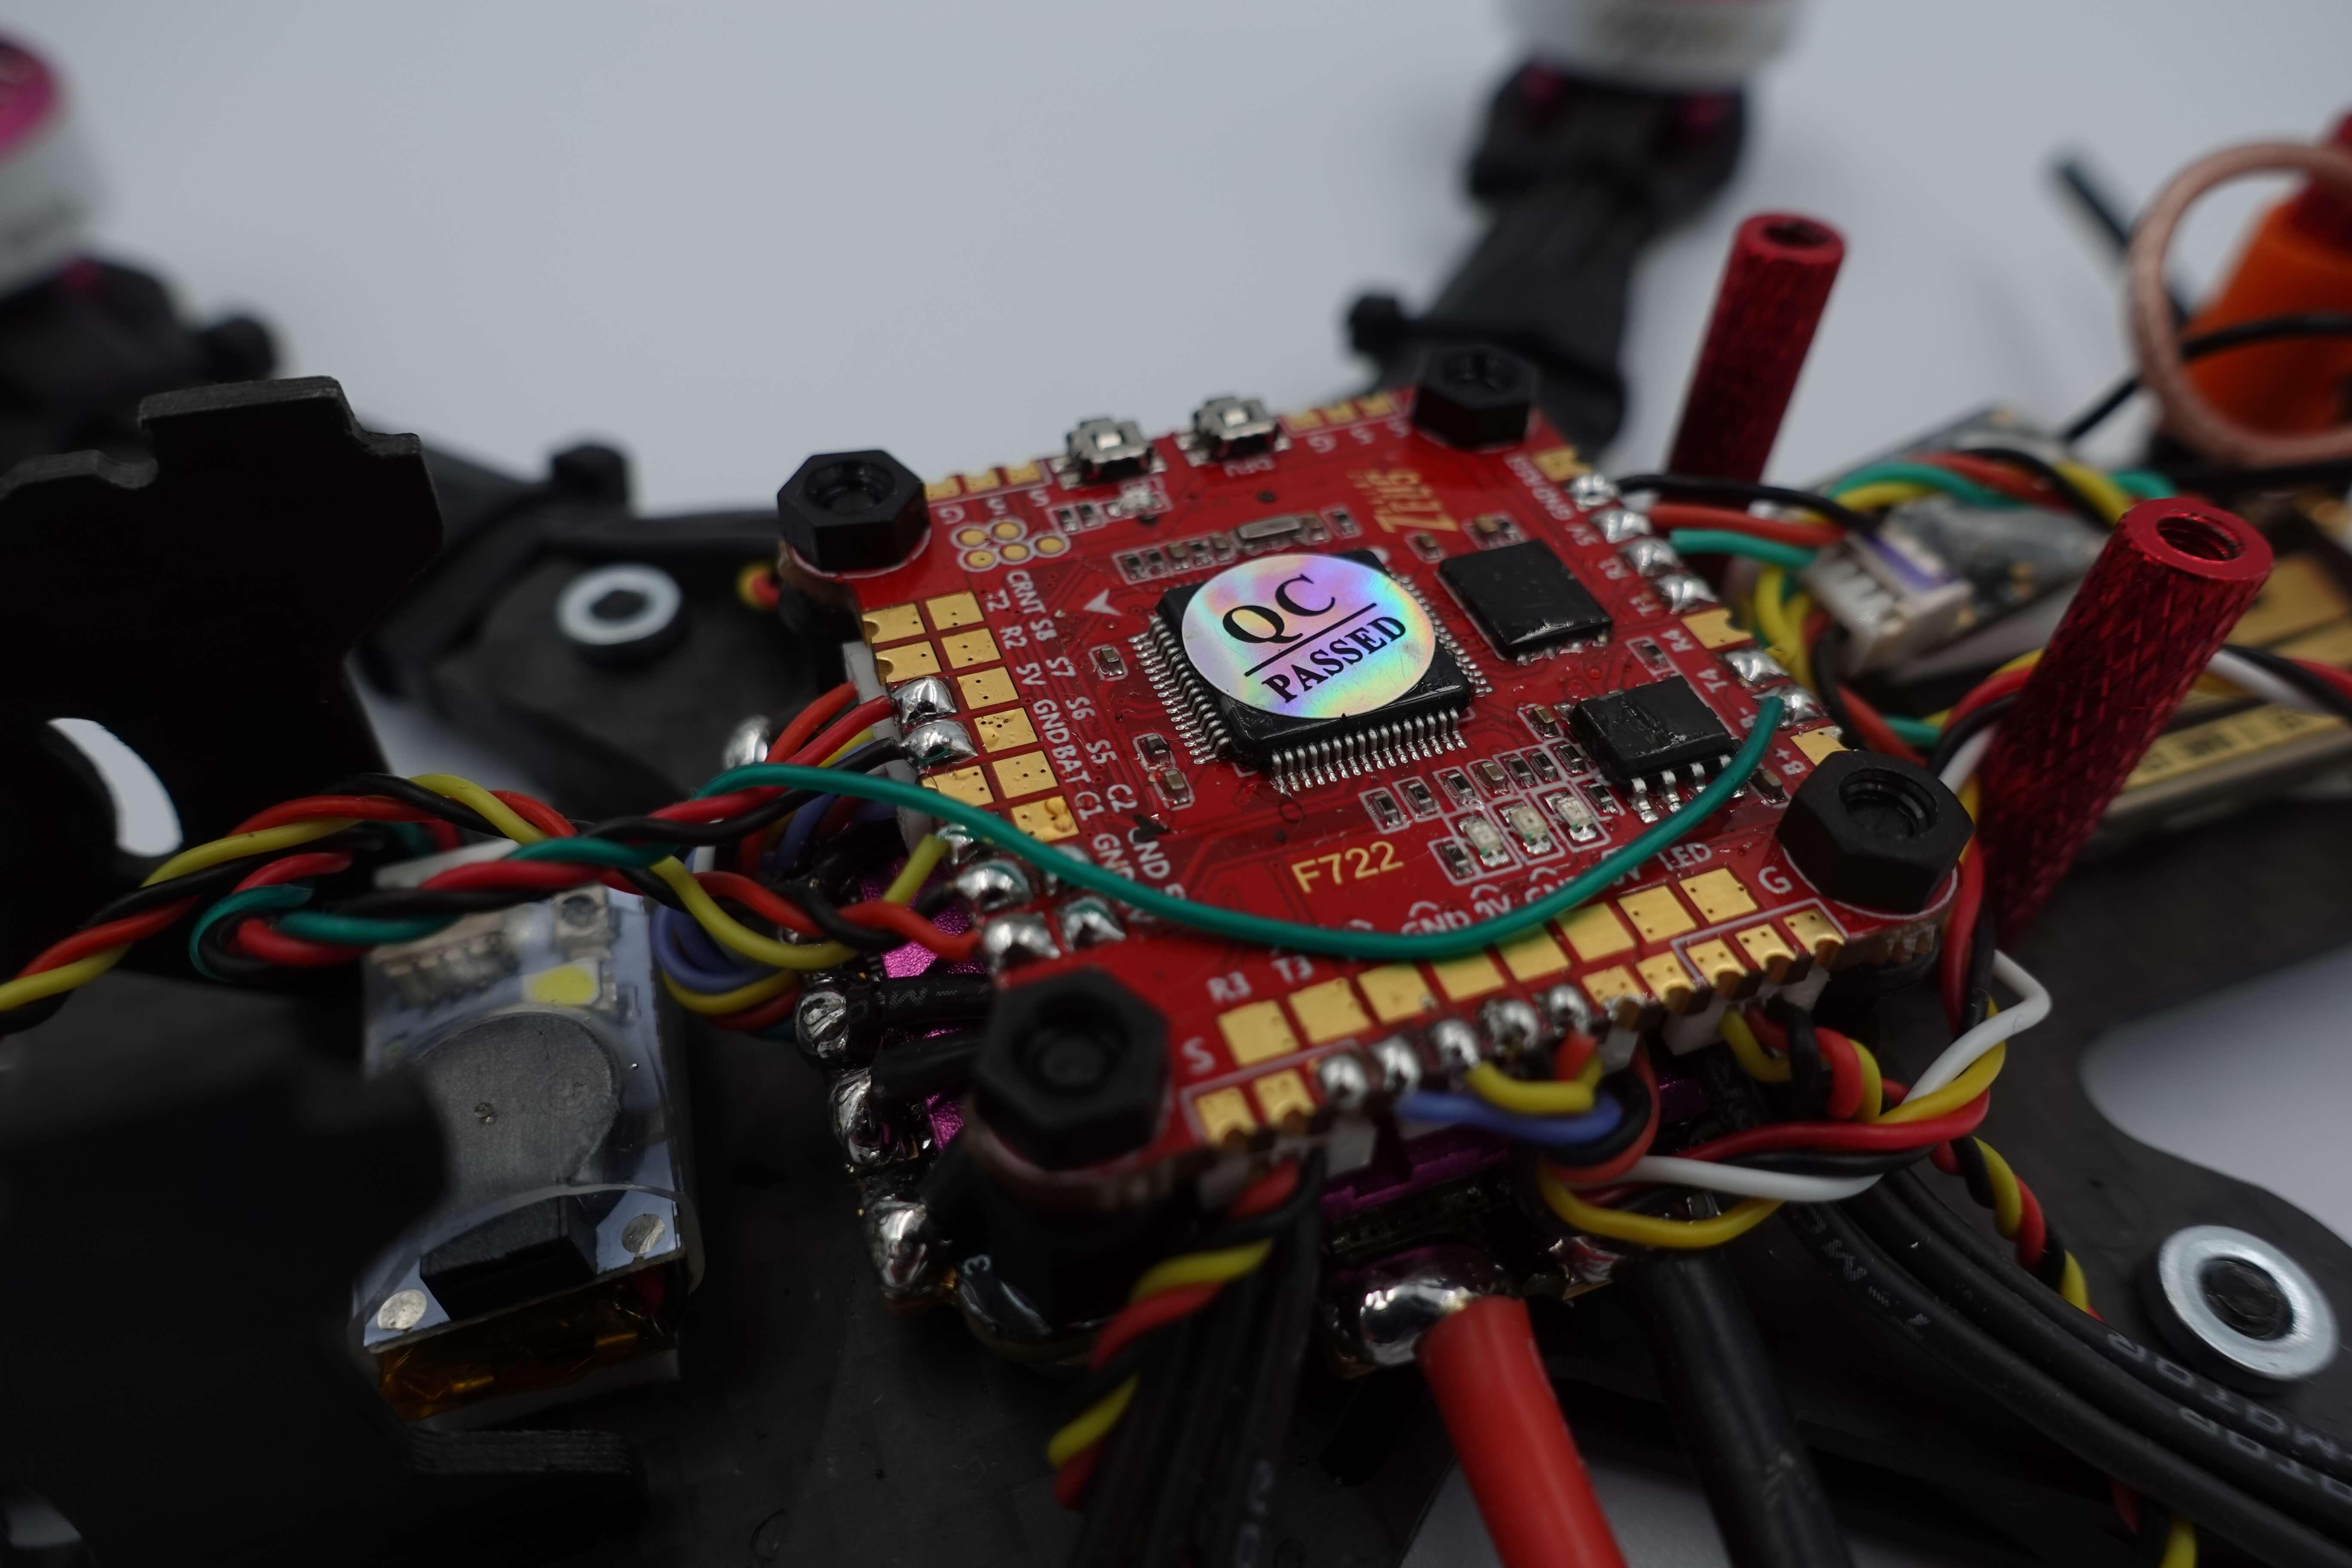 Kontroler lotu Zeus F722 zamontowany w dronie wraz z zamontowanym GPS oraz oświetleniem LED przy pomocy wygodnych wtyczek w dronie wyścigowym FPV